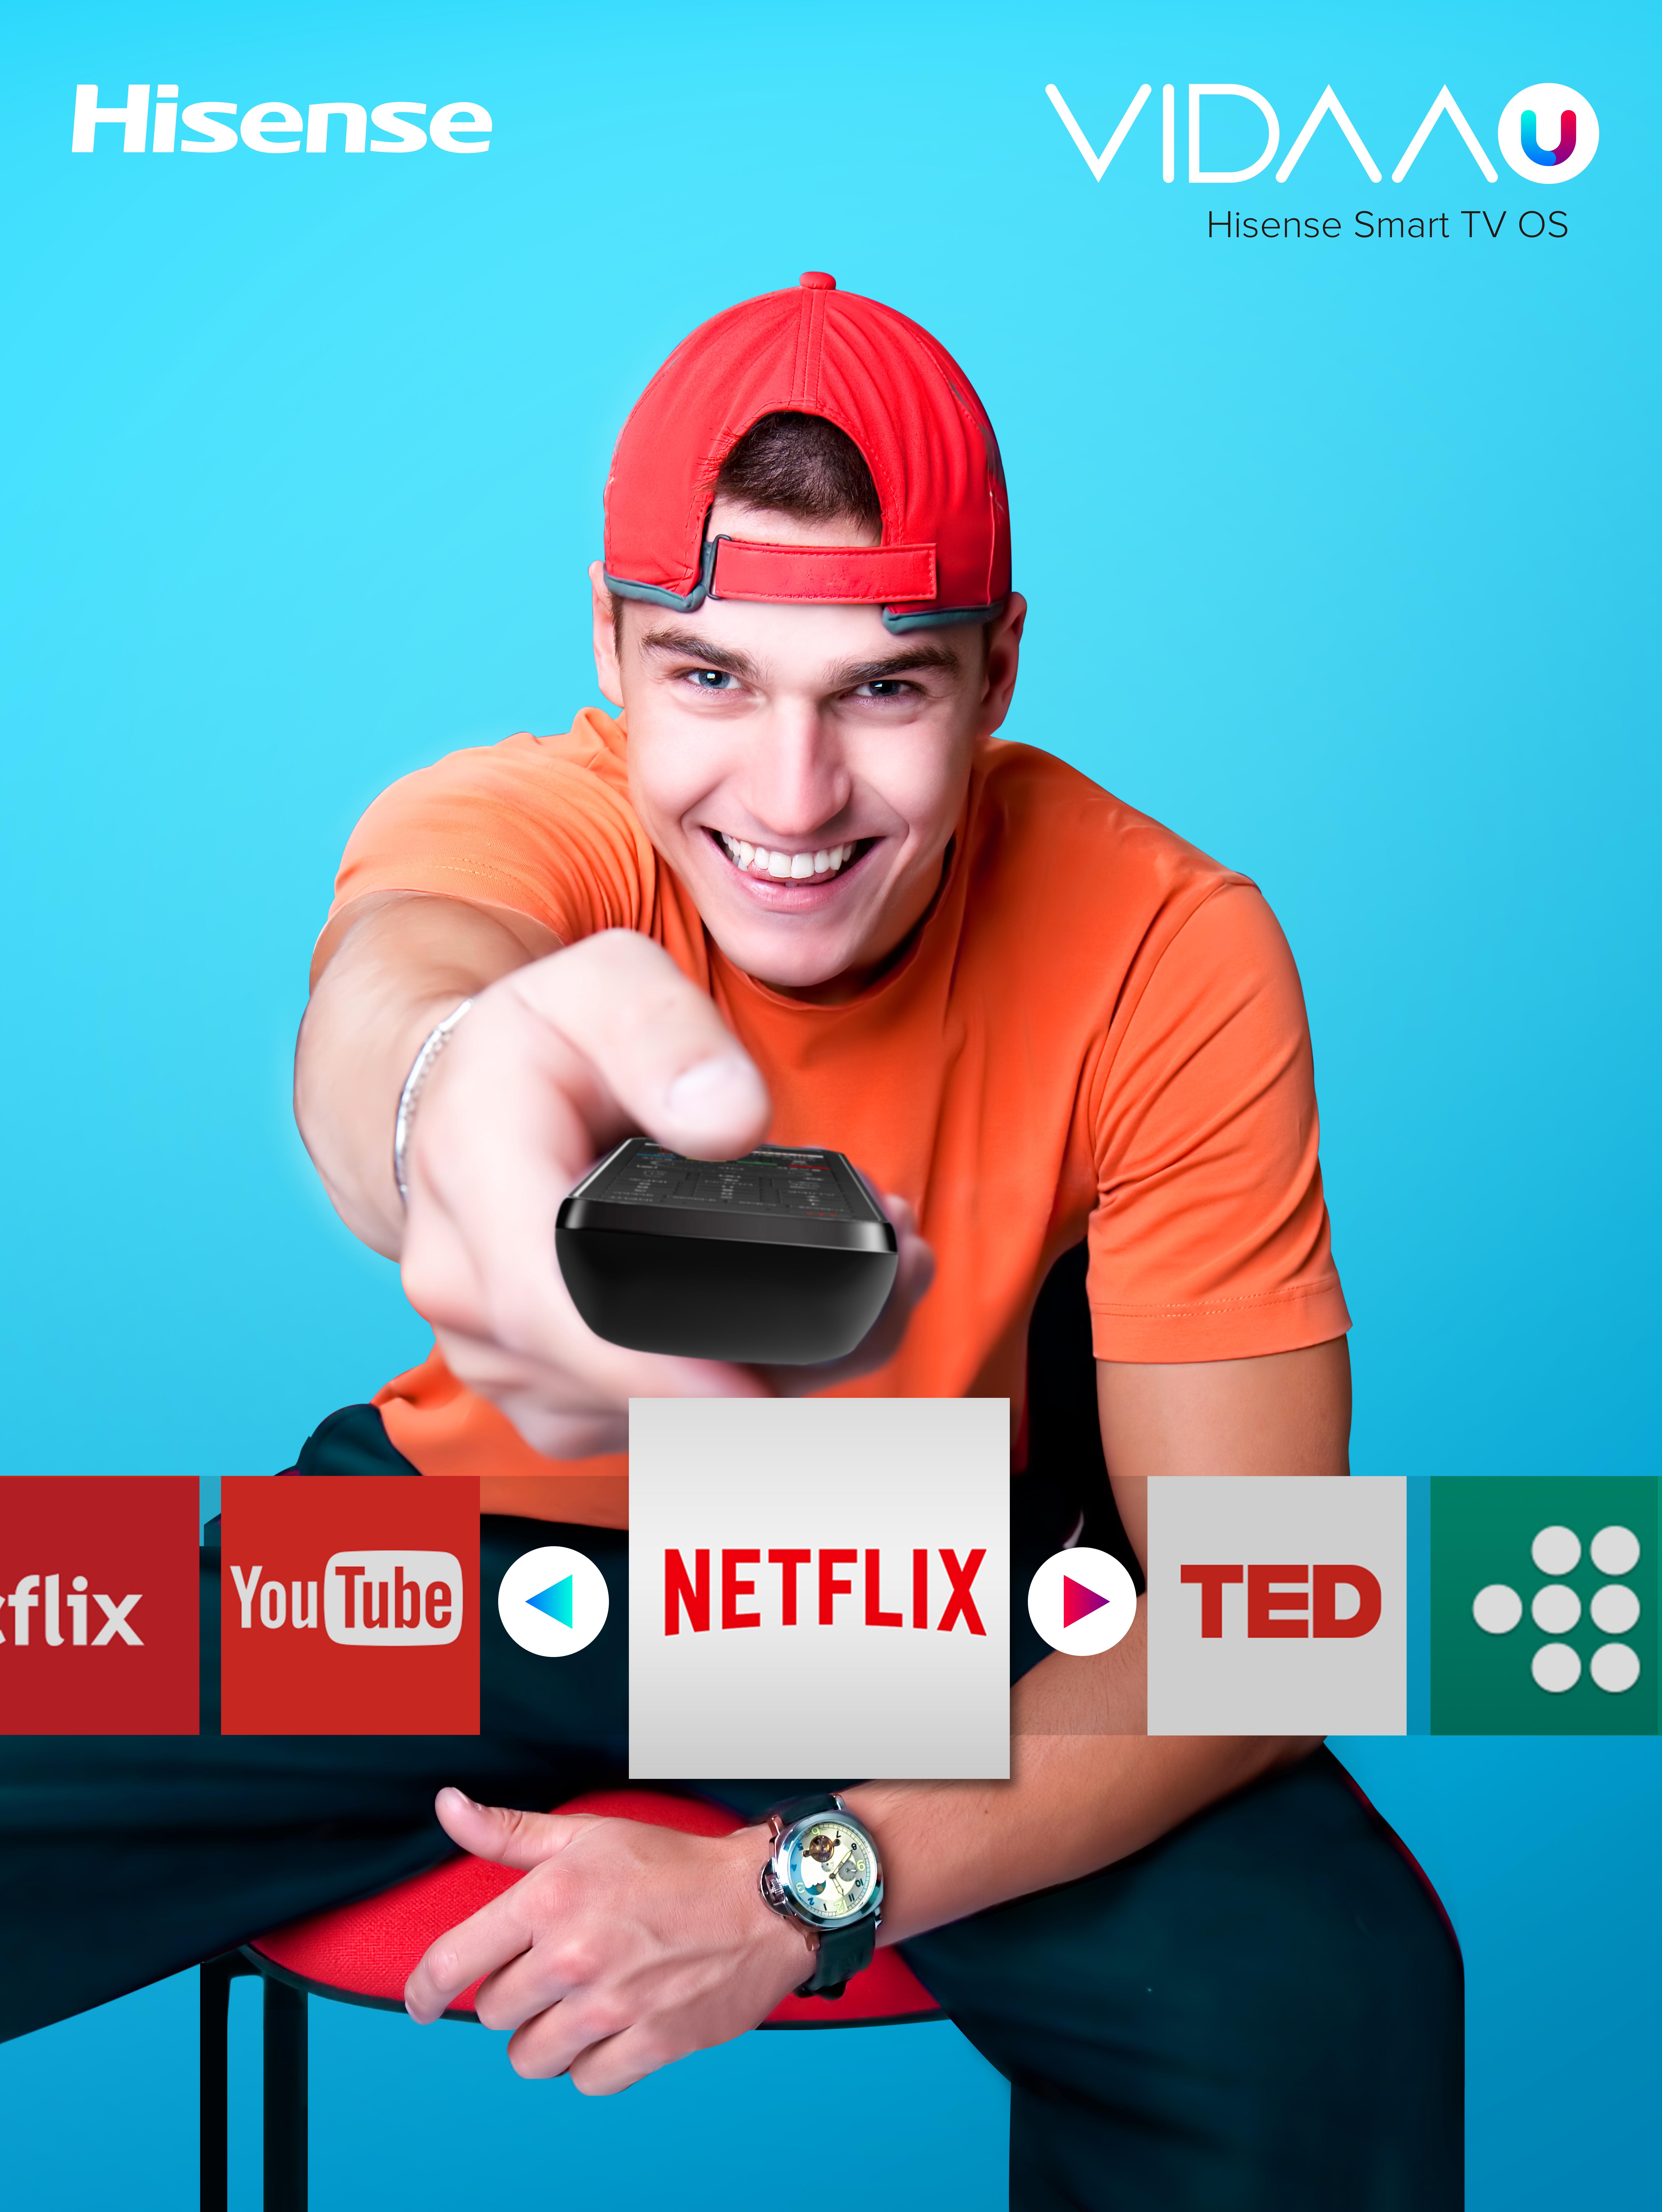 hisense smart tv video